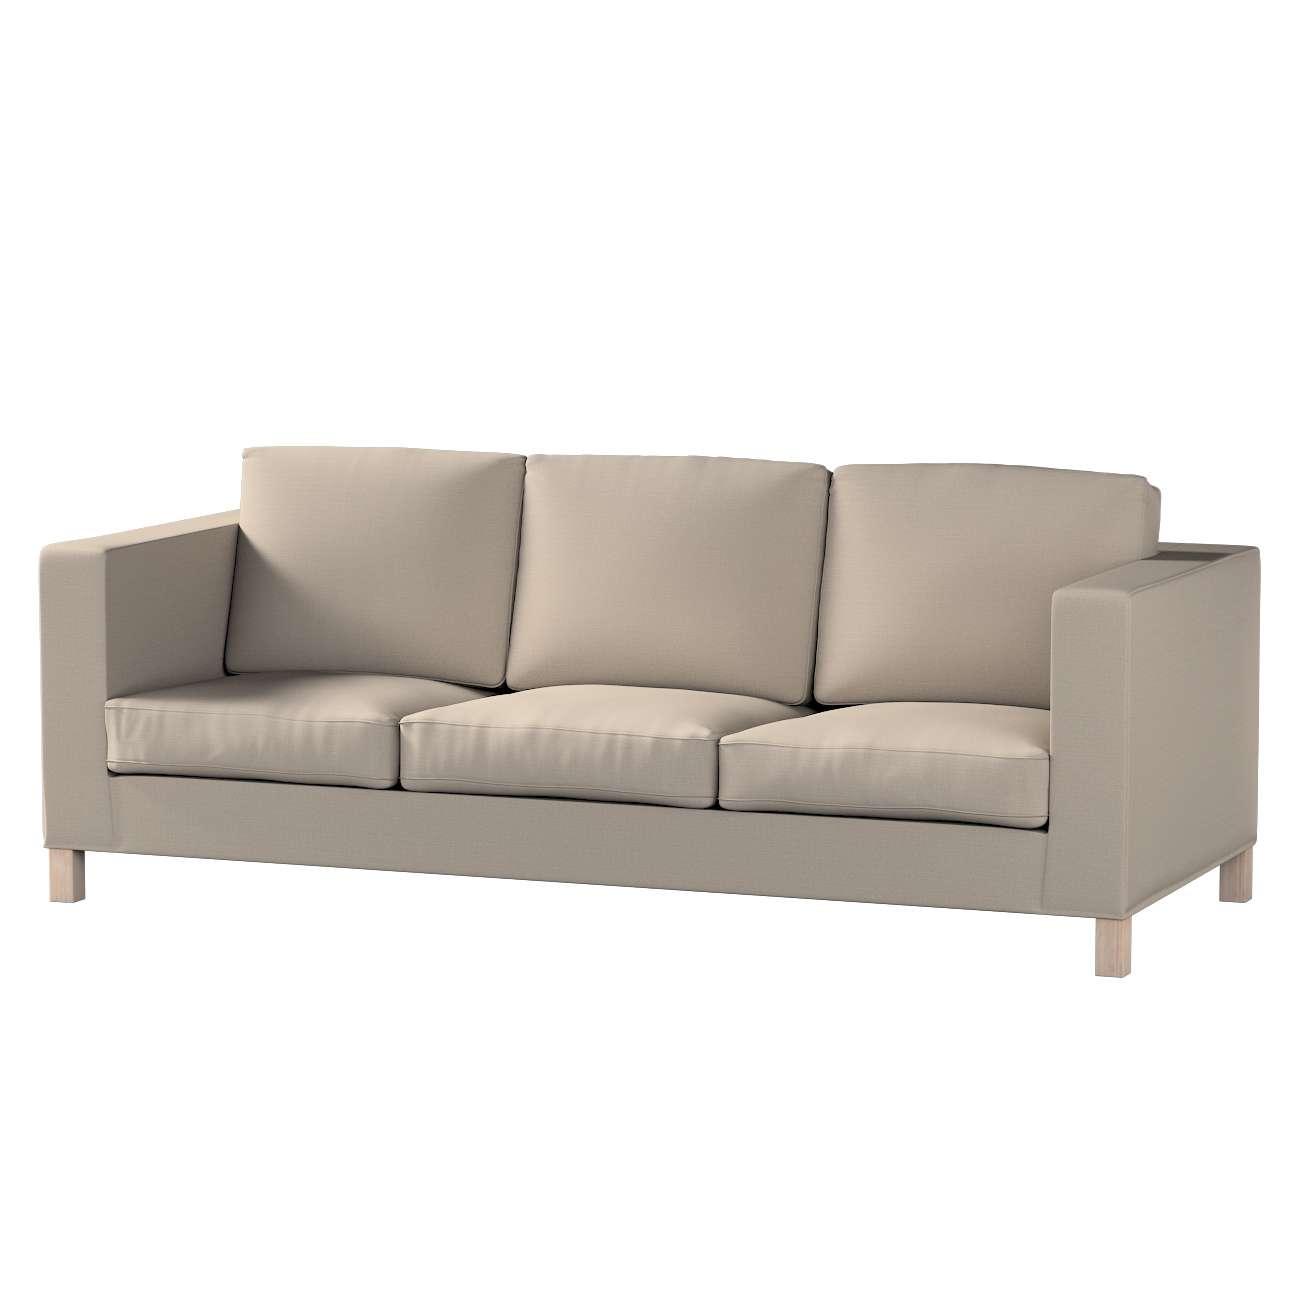 Pokrowiec na sofę Karlanda 3-osobową nierozkładaną, krótki w kolekcji Living, tkanina: 161-53